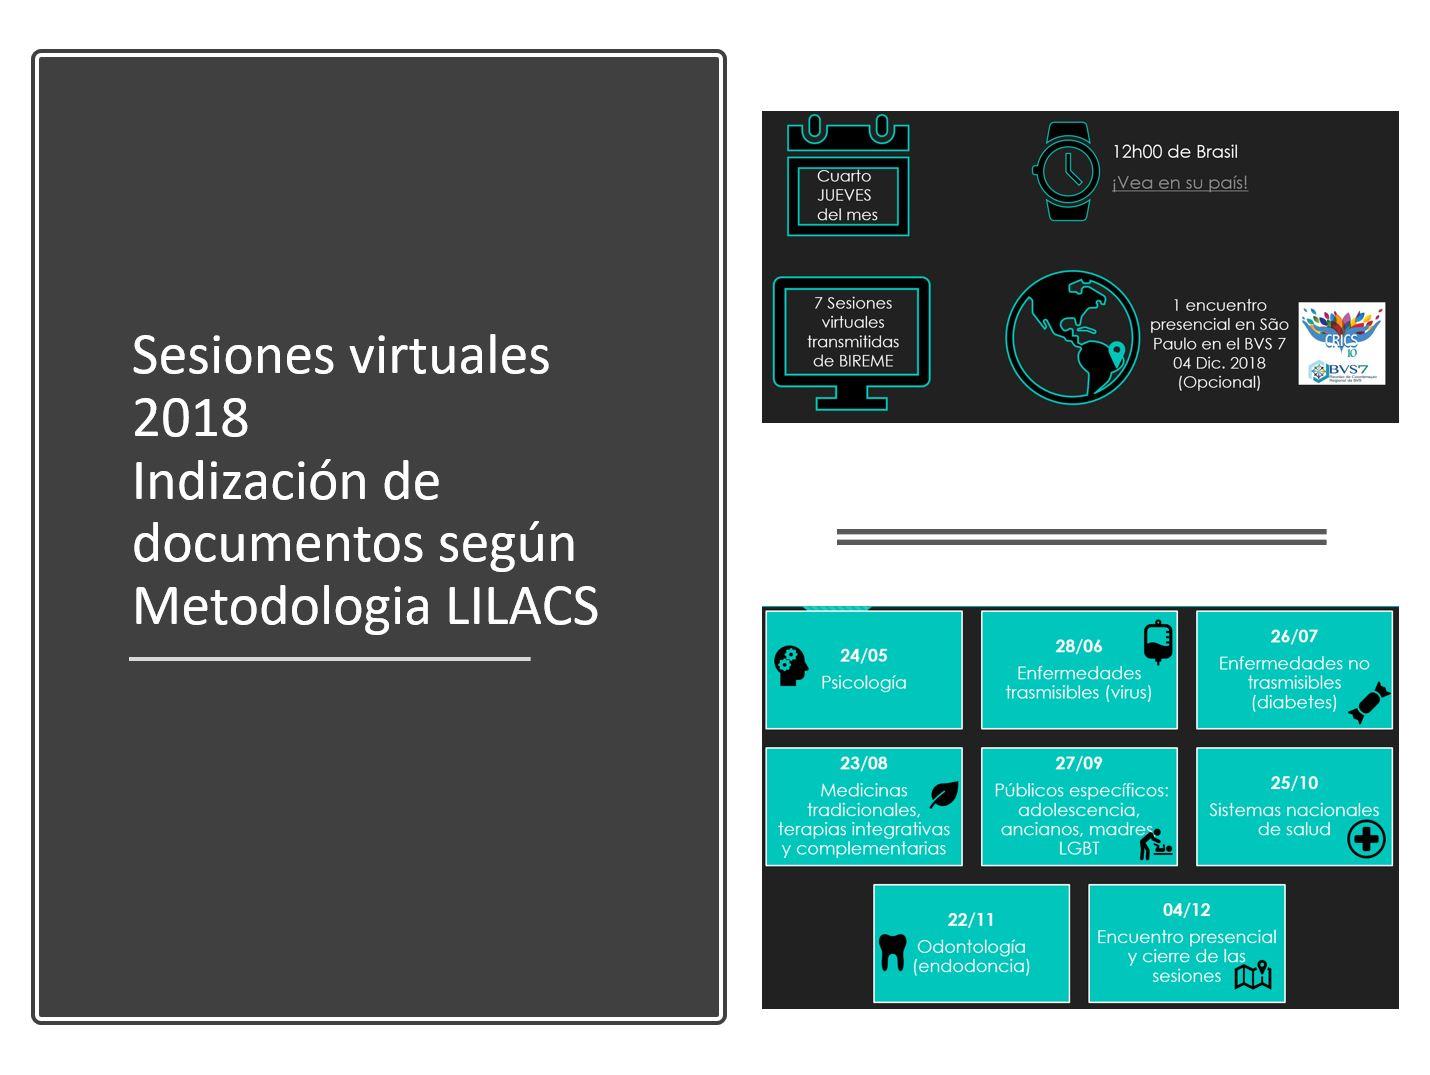 Capacitación sobre indización de documentos LILACS 2018